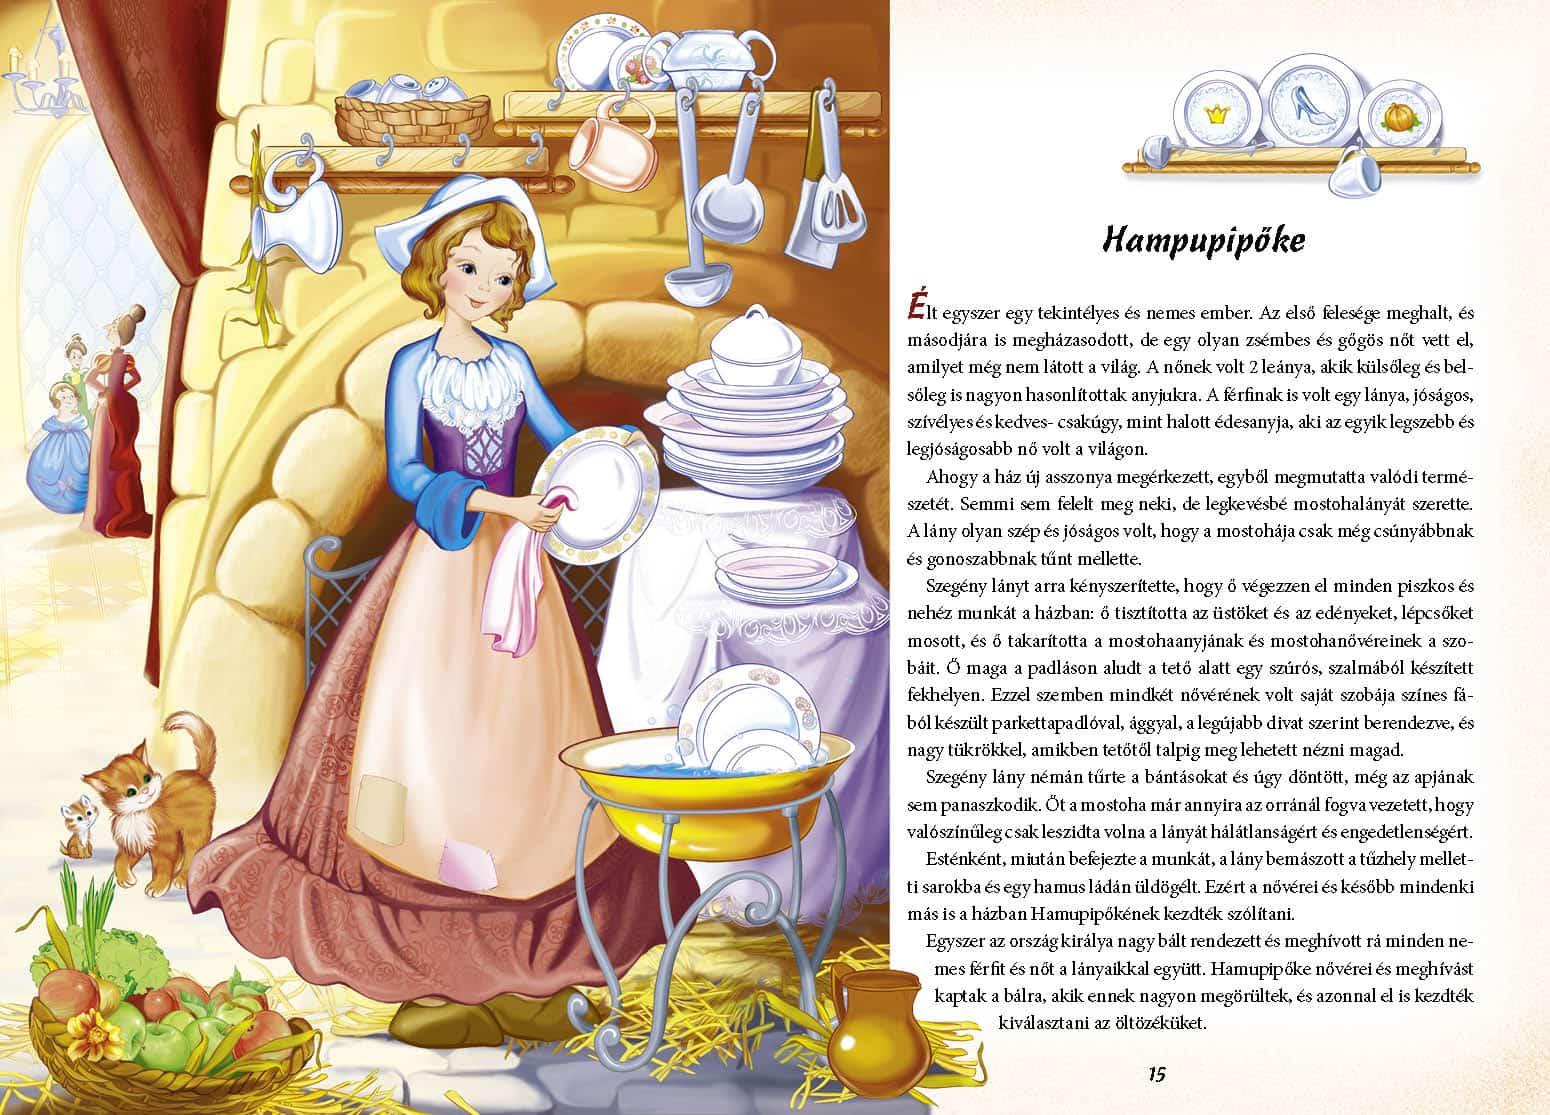 f92e640466 Hamupipőke nővérei és meghívást kaptak a bálra, akik ennek nagyon  megörültek, és azonnal el is kezdték kiválasztani az öltözéküket.